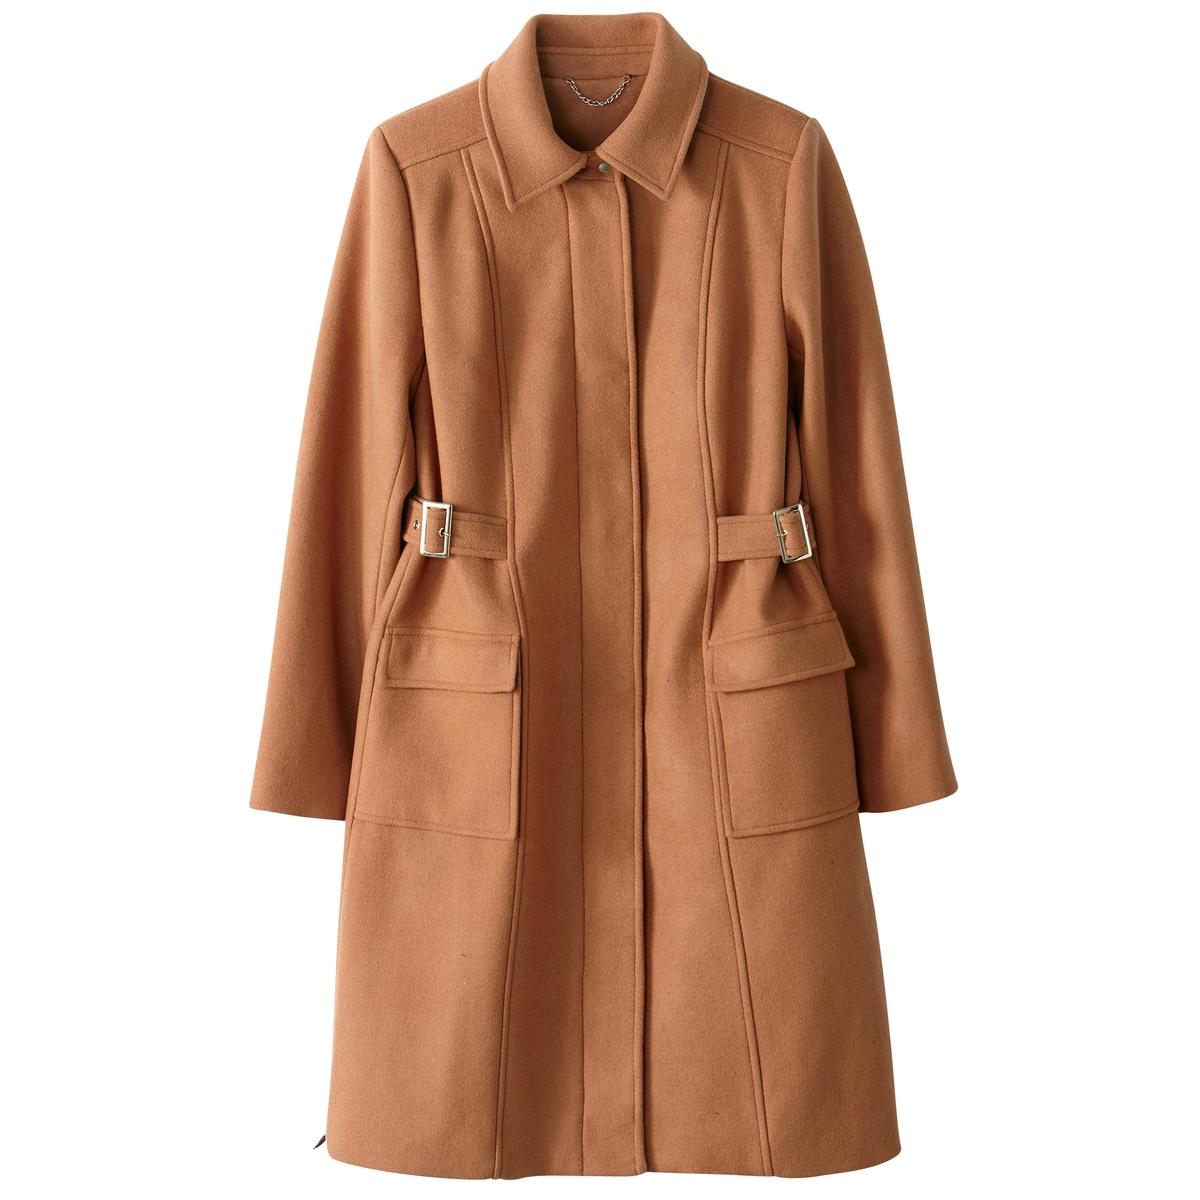 Пальто на молнии 72% шерстиУтепленное пальто из смесовой шерсти очень модного покроя из структурной ткани . Симпатичные ремешки с пряжками, которые подчеркивают талию .Детали •  Длина : удлиненная модель •  Воротник-стойка •  Застежка на молниюСостав и уход •  72% шерсти, 7% акрила, 1% полиамида, 20% полиэстера • Не стирать •  Деликатная чистка/без отбеливателей •  Не использовать барабанную сушку   •  Низкая температура глажки •  Длина : 100 см.<br><br>Цвет: темно-бежевый,черный<br>Размер: 34 (FR) - 40 (RUS).36 (FR) - 42 (RUS).34 (FR) - 40 (RUS).50 (FR) - 56 (RUS).46 (FR) - 52 (RUS).40 (FR) - 46 (RUS).44 (FR) - 50 (RUS).48 (FR) - 54 (RUS)